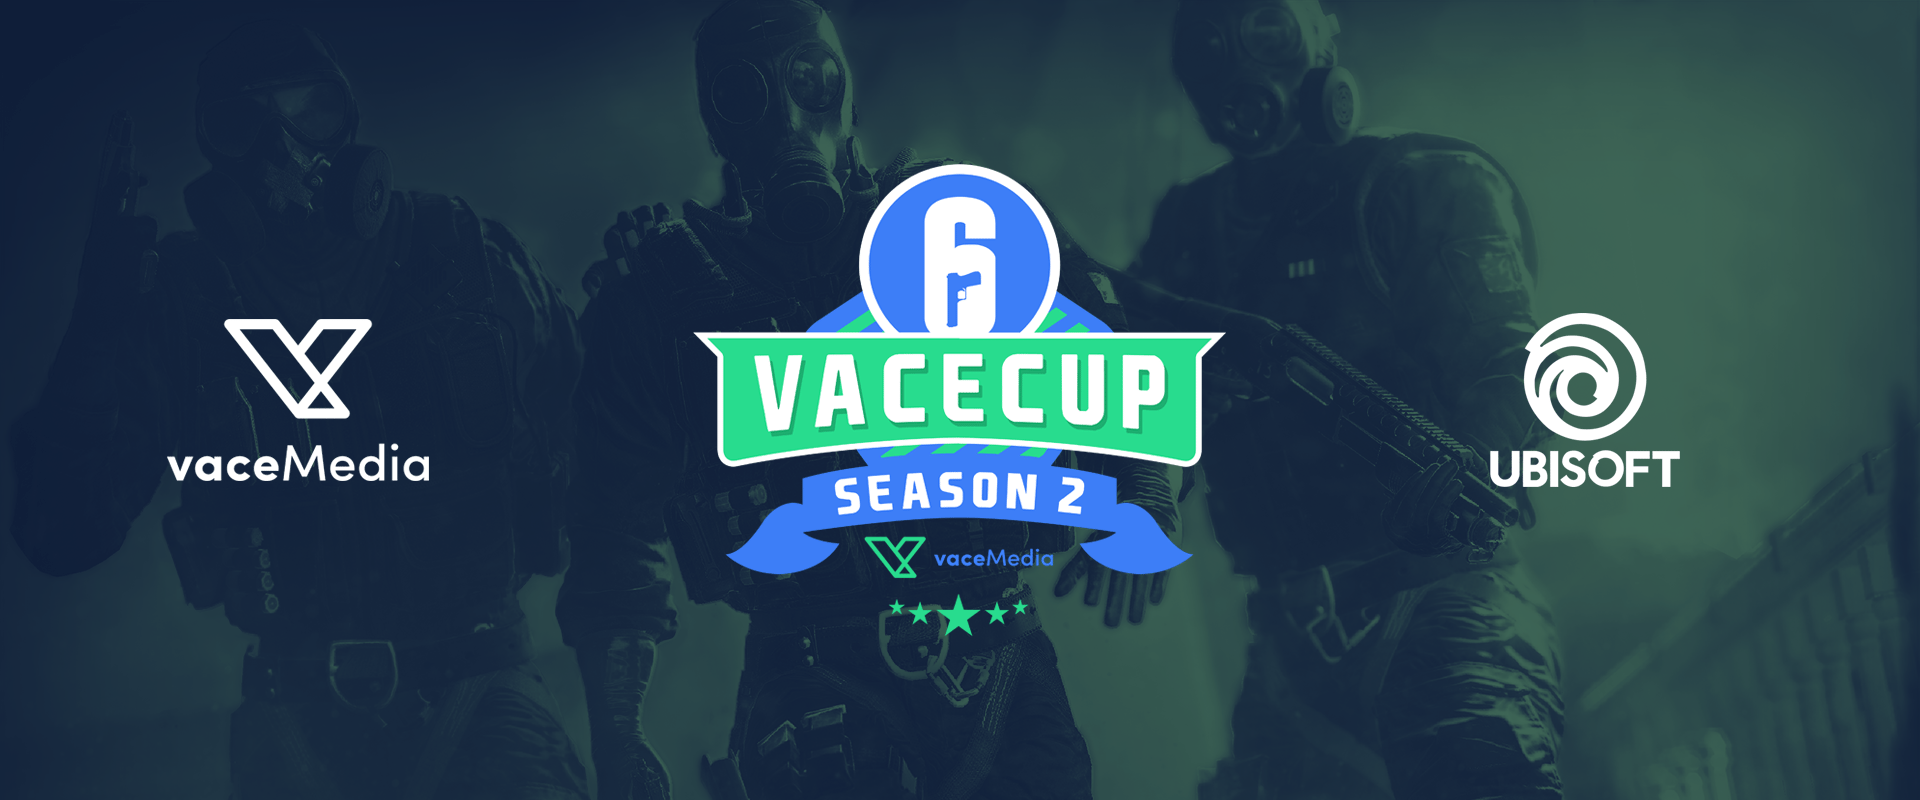 vaceCup Season #2 – October recap